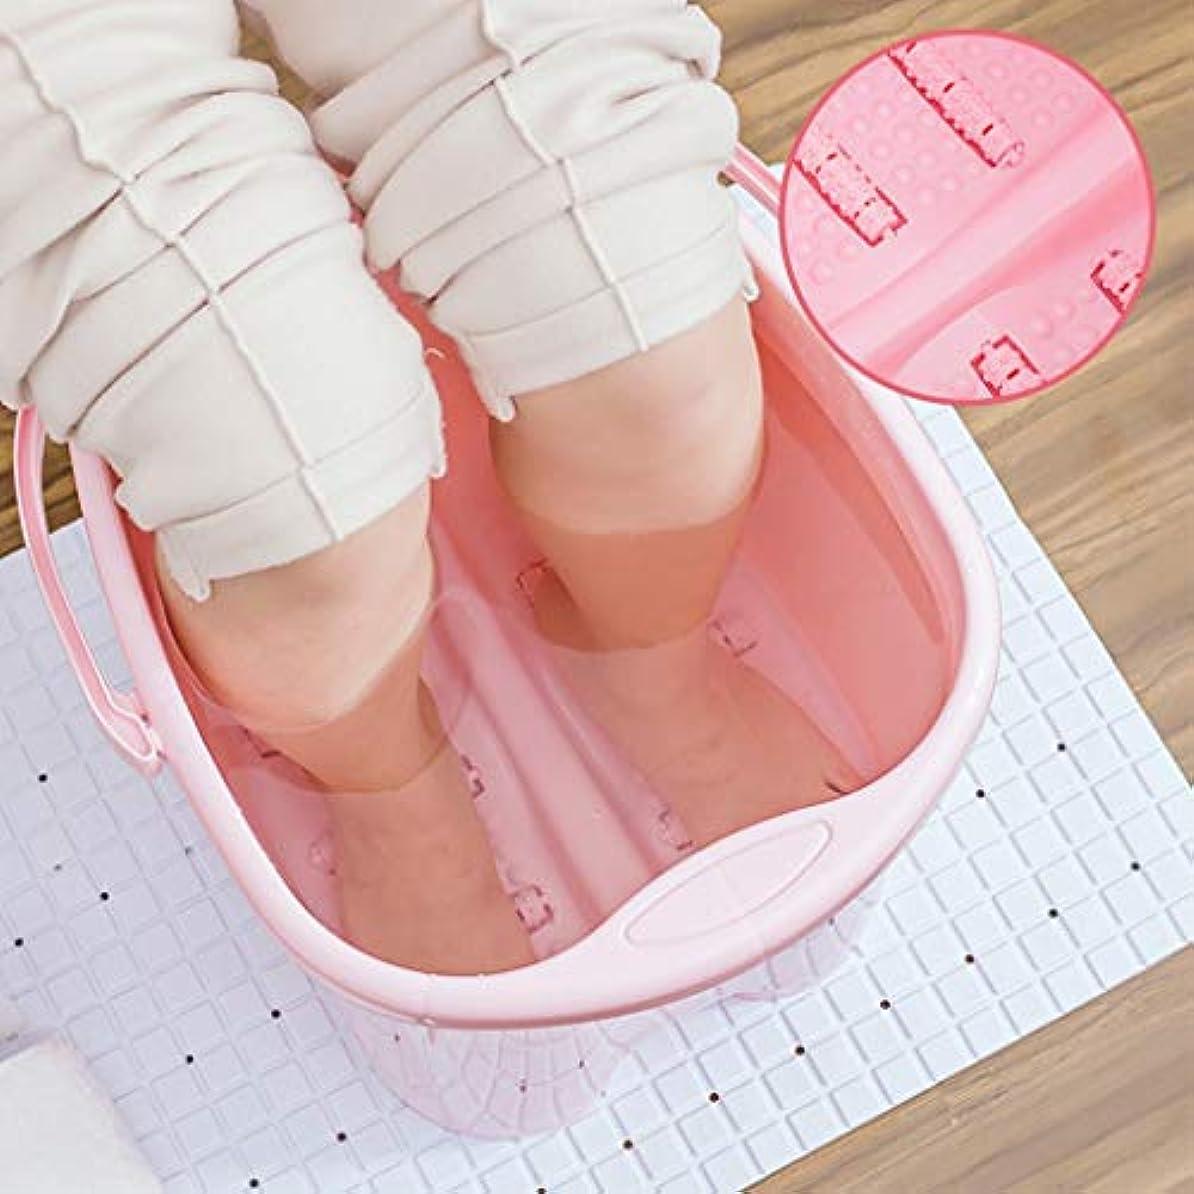 欠席エゴイズムヘロインフットバスバレル- ?AMT携帯用高まりのマッサージの浴槽のふたの熱保存のフィートの洗面器の世帯が付いている大人のフットバスのバケツ Relax foot (色 : Pink, サイズ さいず : 23.5cm high)